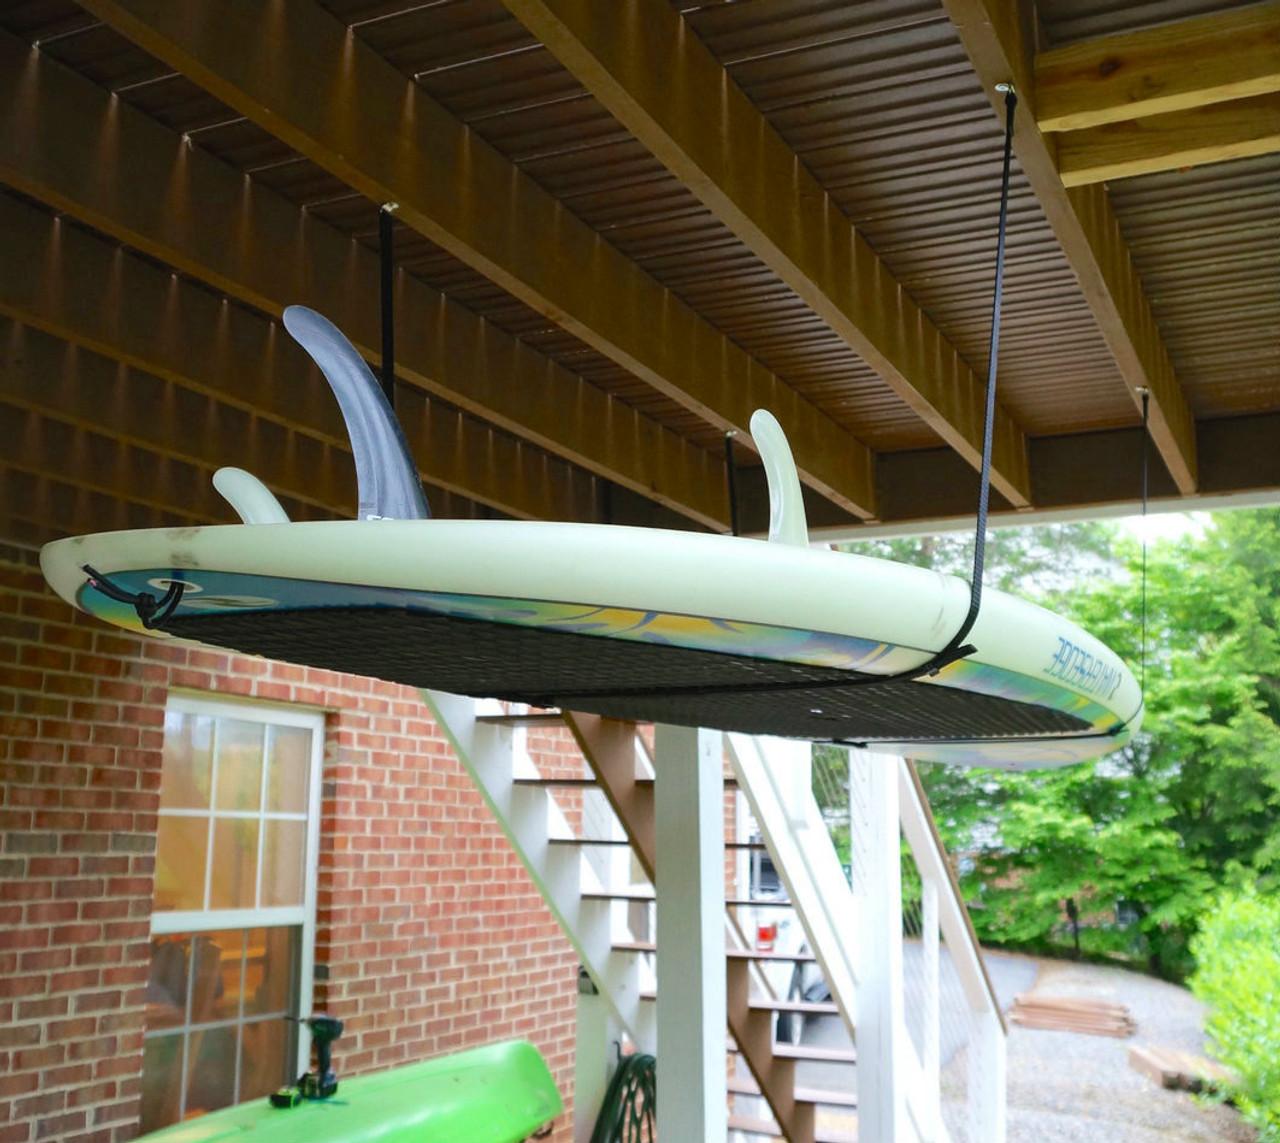 Sup Hi Line Adjustable Paddleboard Ceiling Storage